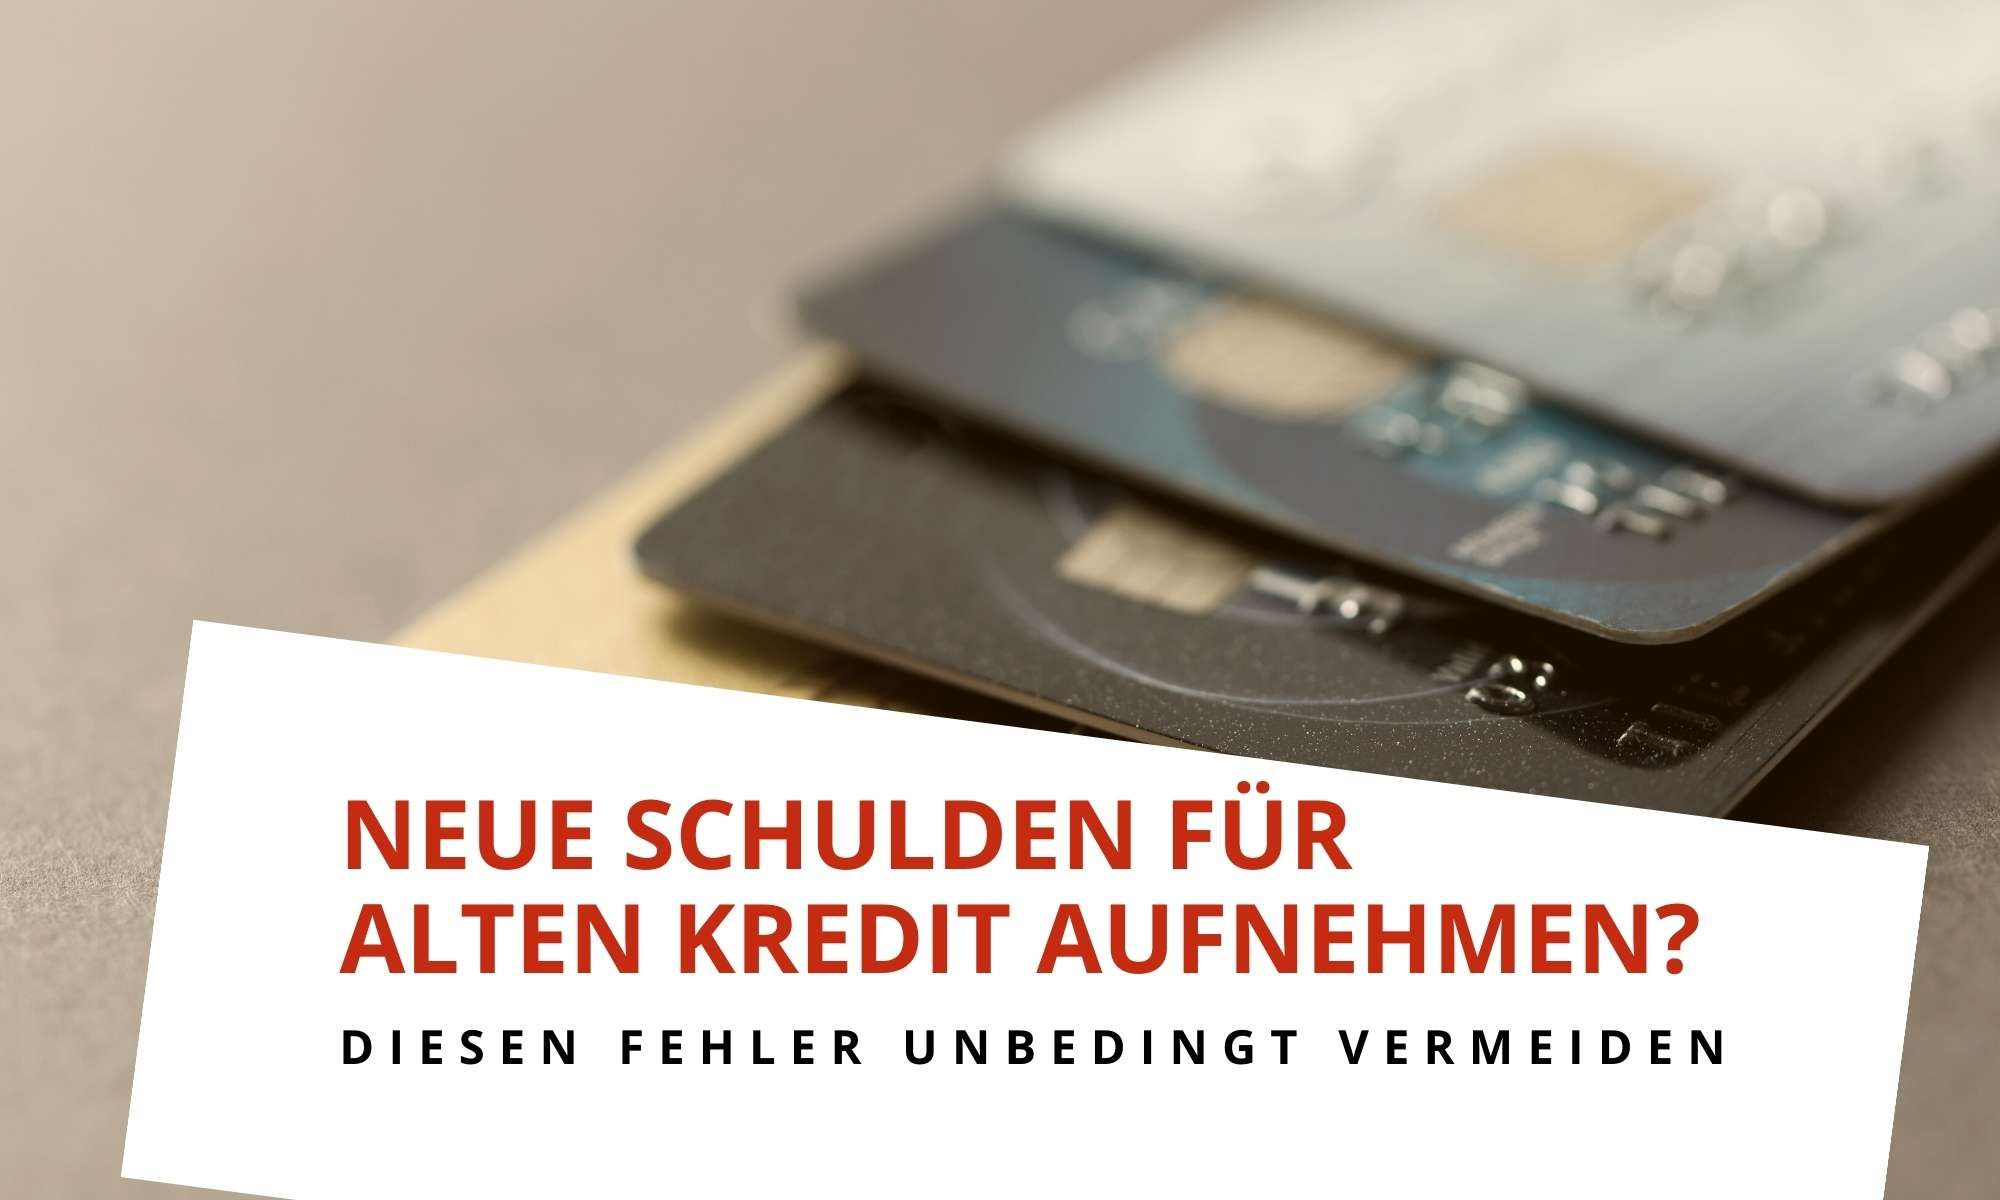 Schulden durch neu aufgenommenen Kredit abbauen